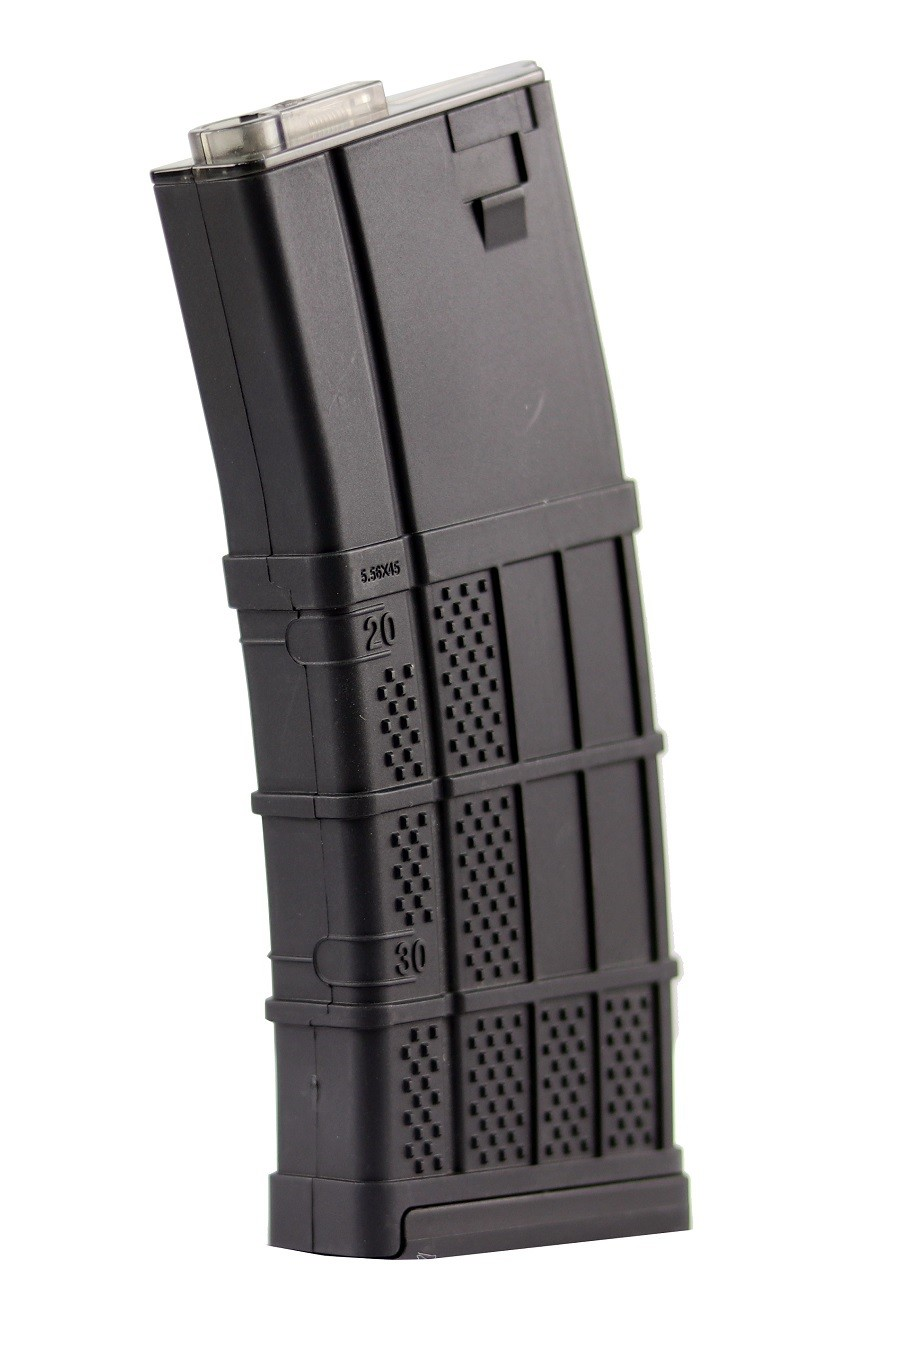 MAGAZINE P/ AIRSOFT AEG M4 MID CAP 120 RDS LANCER ARMADILLO